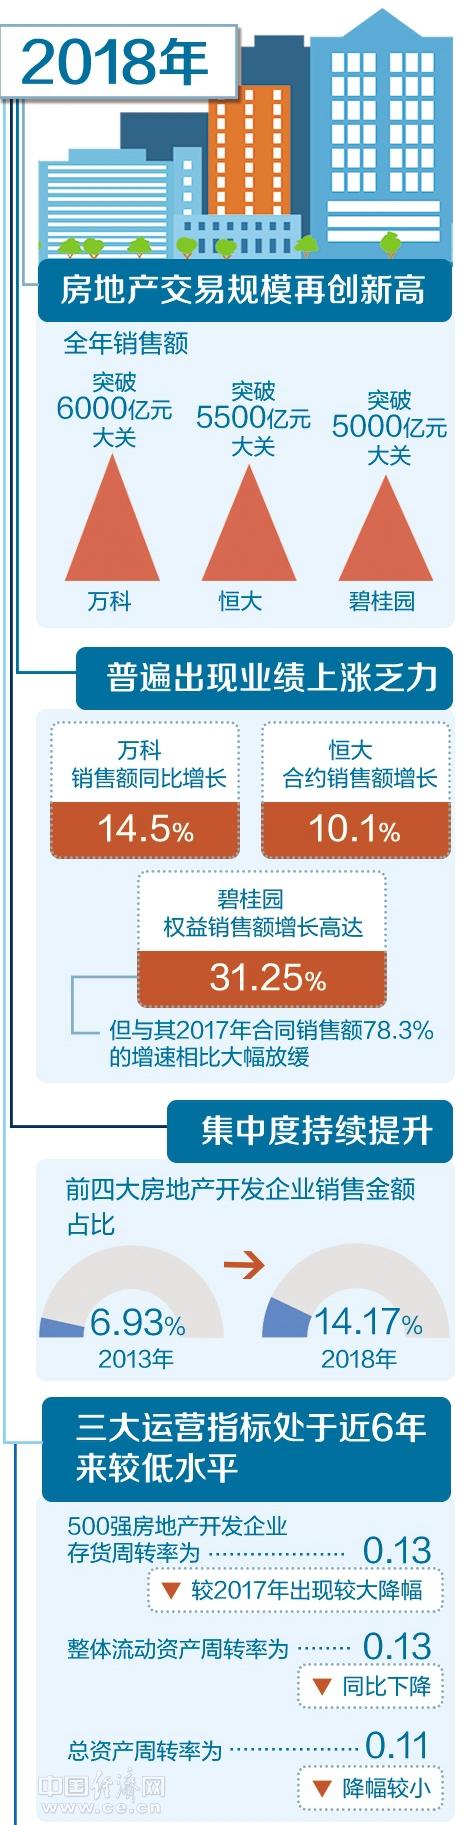 [推荐]房地产行业集中度不断上升房屋产品力将成企业竞争主方向